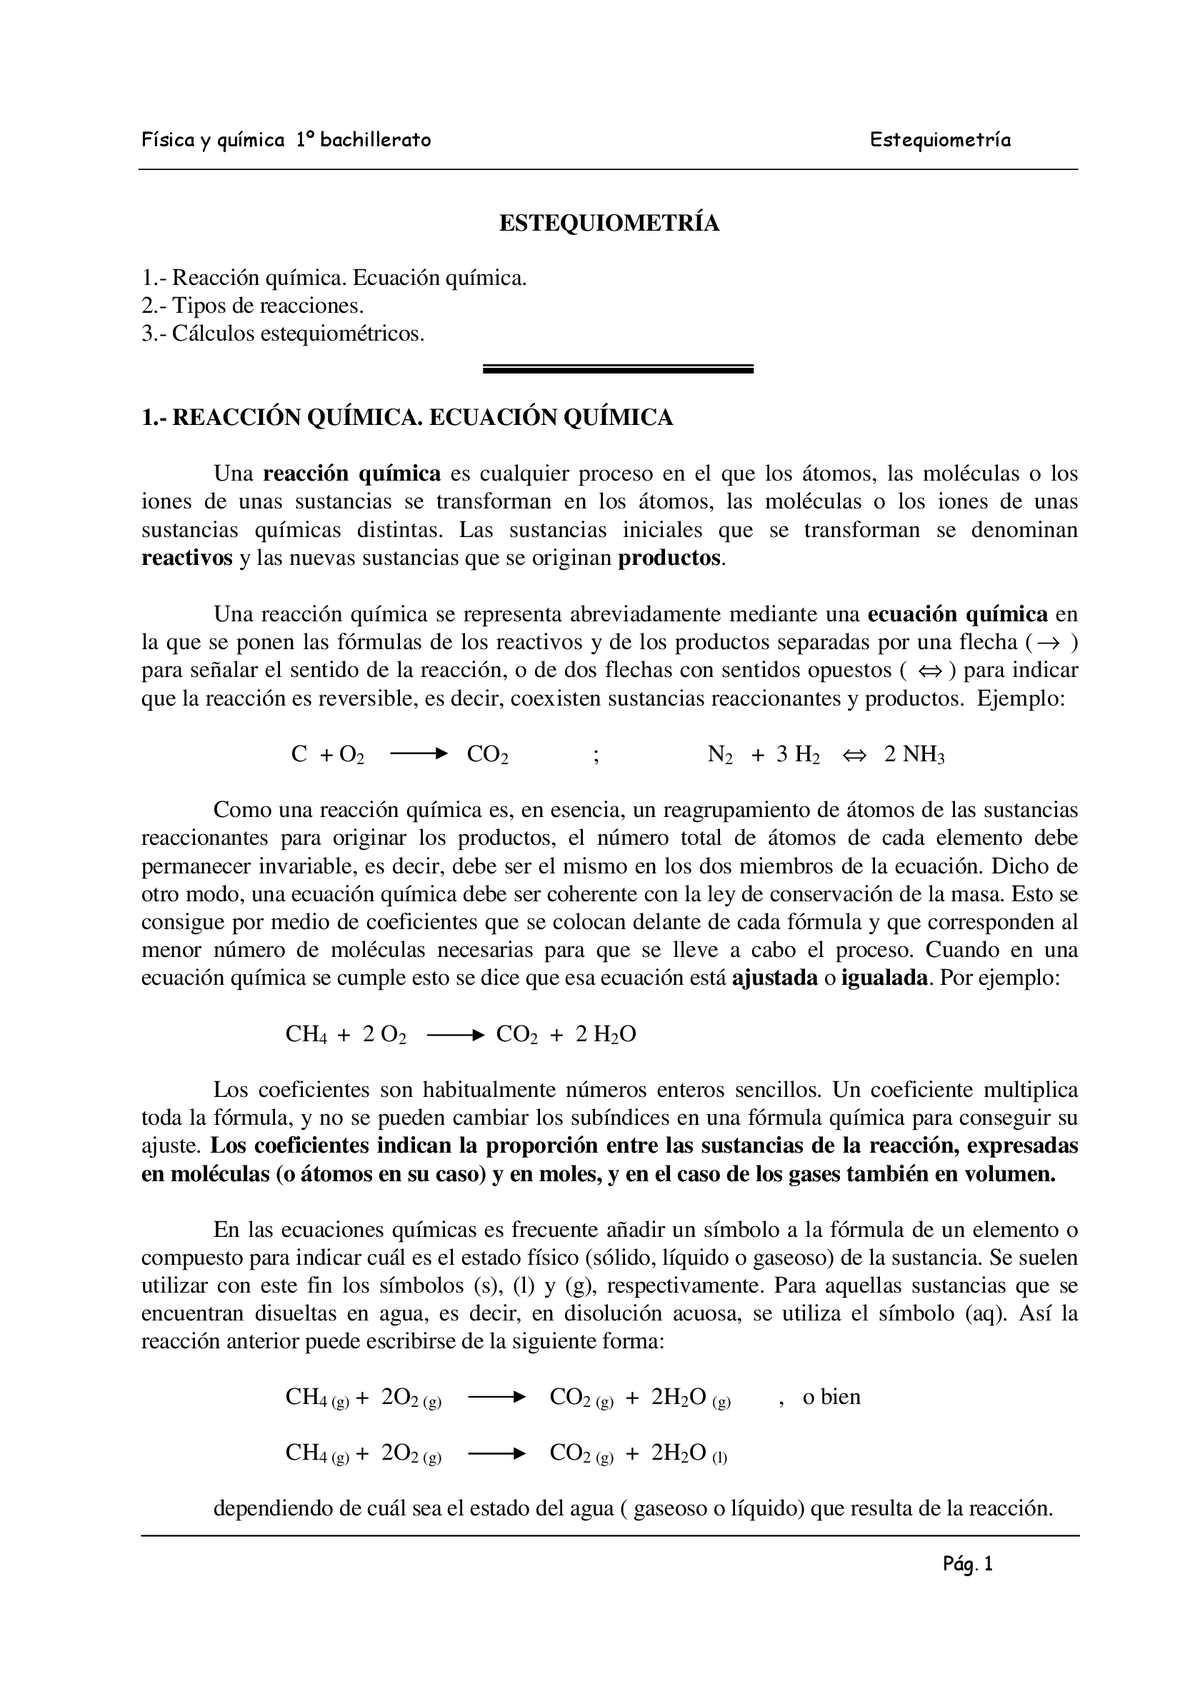 Atractivo Por Ciento De Rendimiento EstequiometrÃa De Hoja De CÃ ...